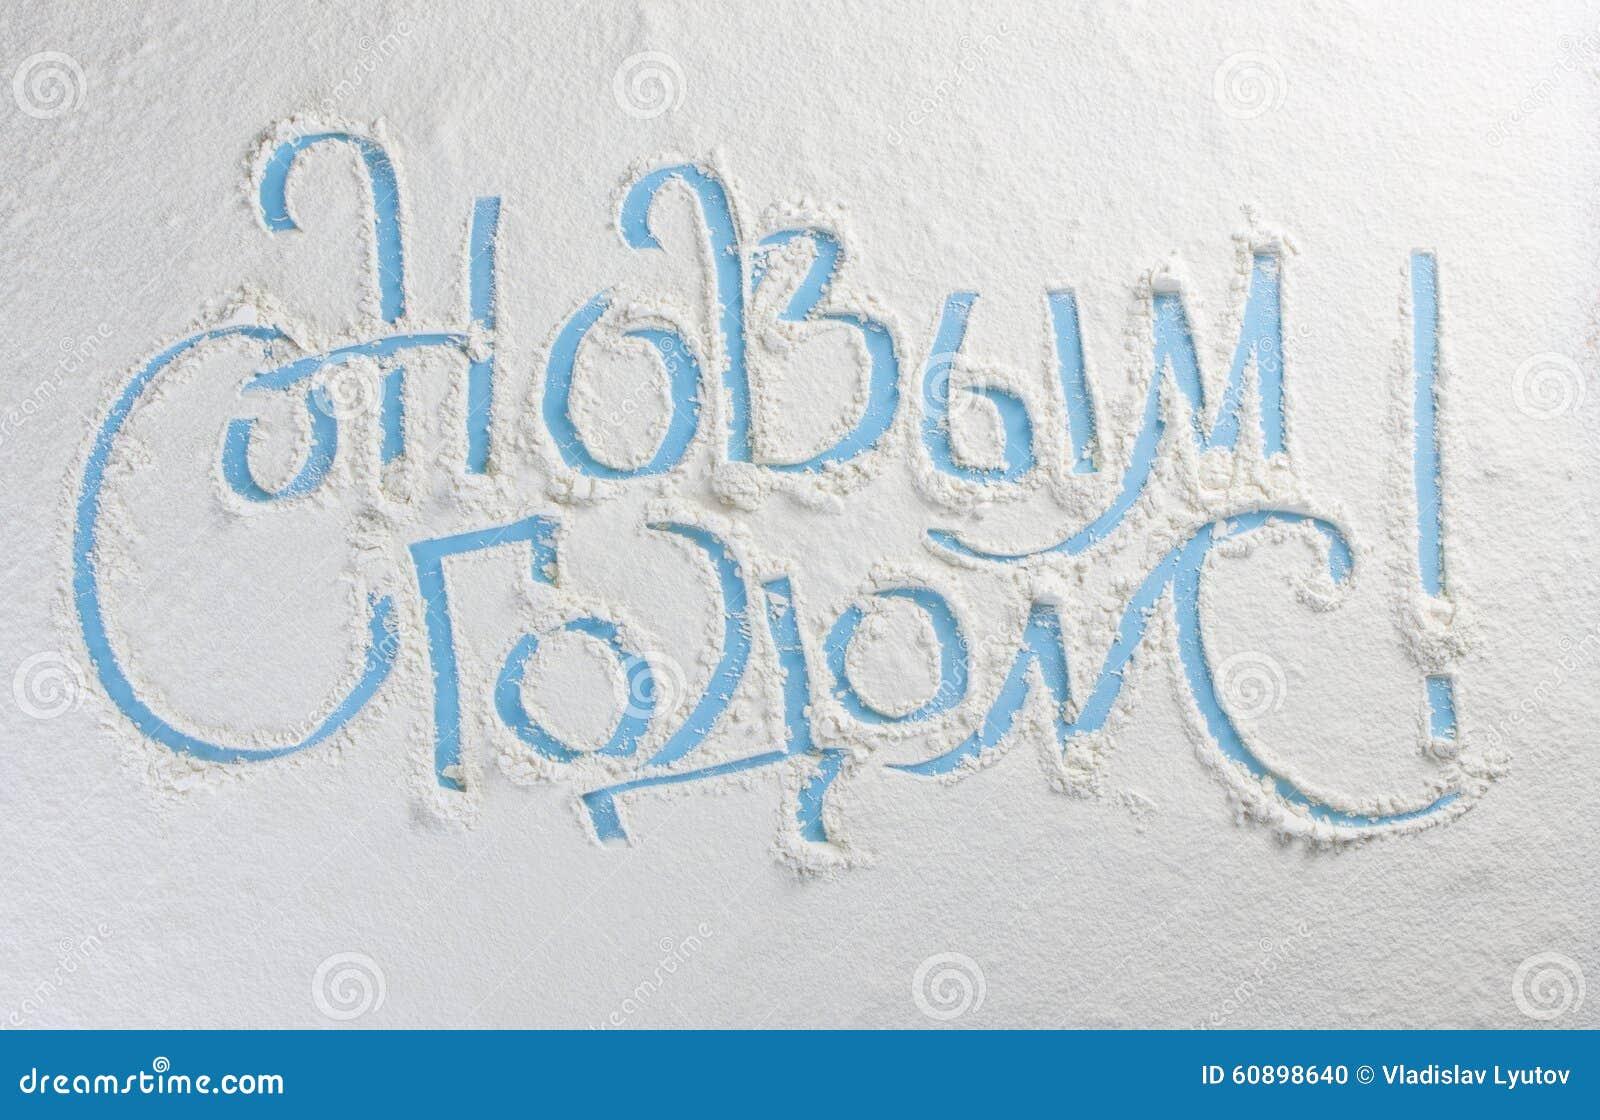 letras de la feliz a o nuevo ruso feliz navidad foto de. Black Bedroom Furniture Sets. Home Design Ideas